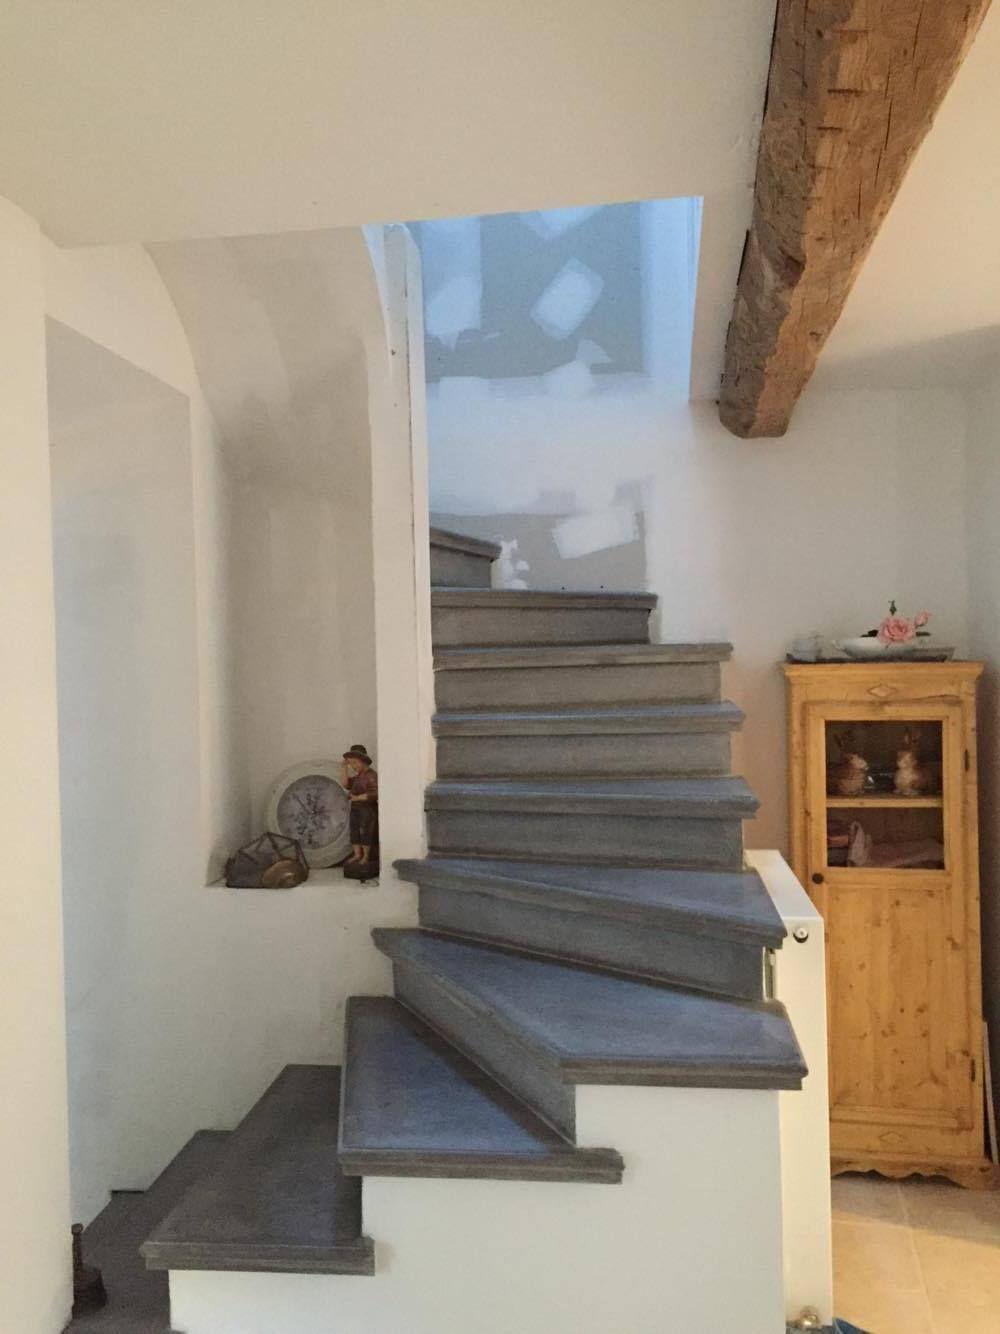 Fabrication Et Pose D Escalier En Beton Gris Lisse A Carcassonne Et Toulouse Escalier Beton Decoration Maison Escalier